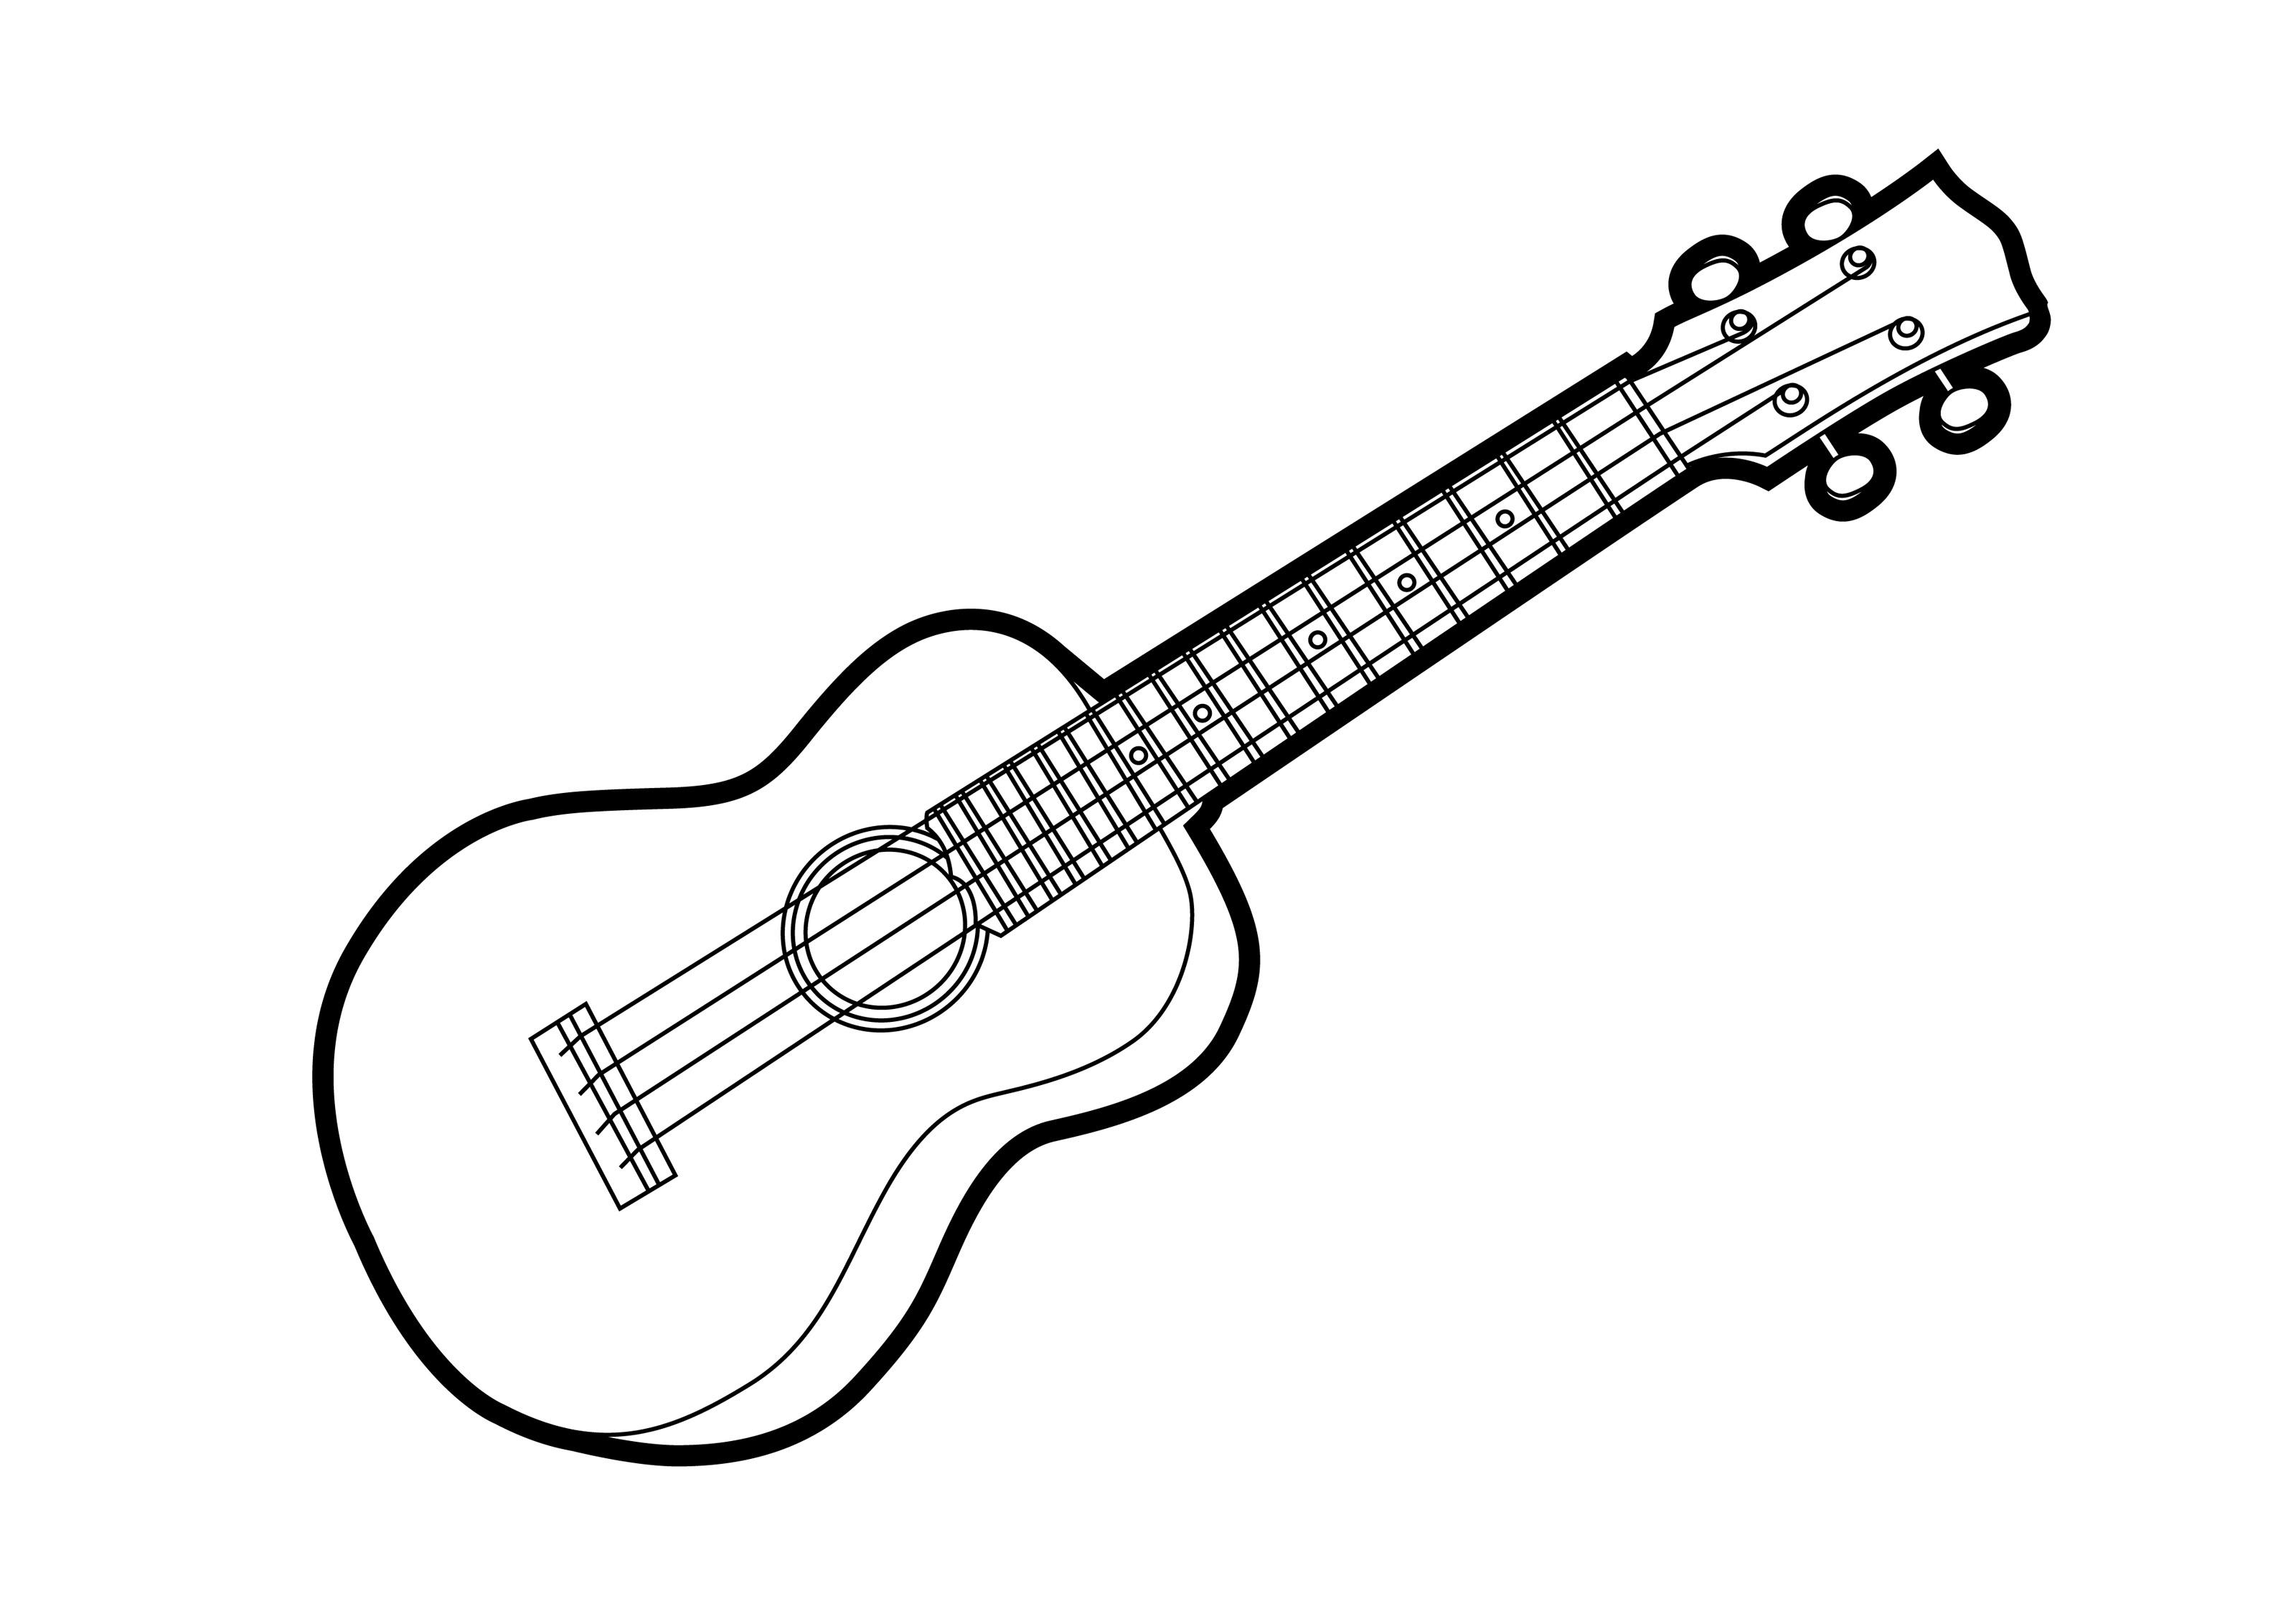 Ukulele Outline Vector Illustration